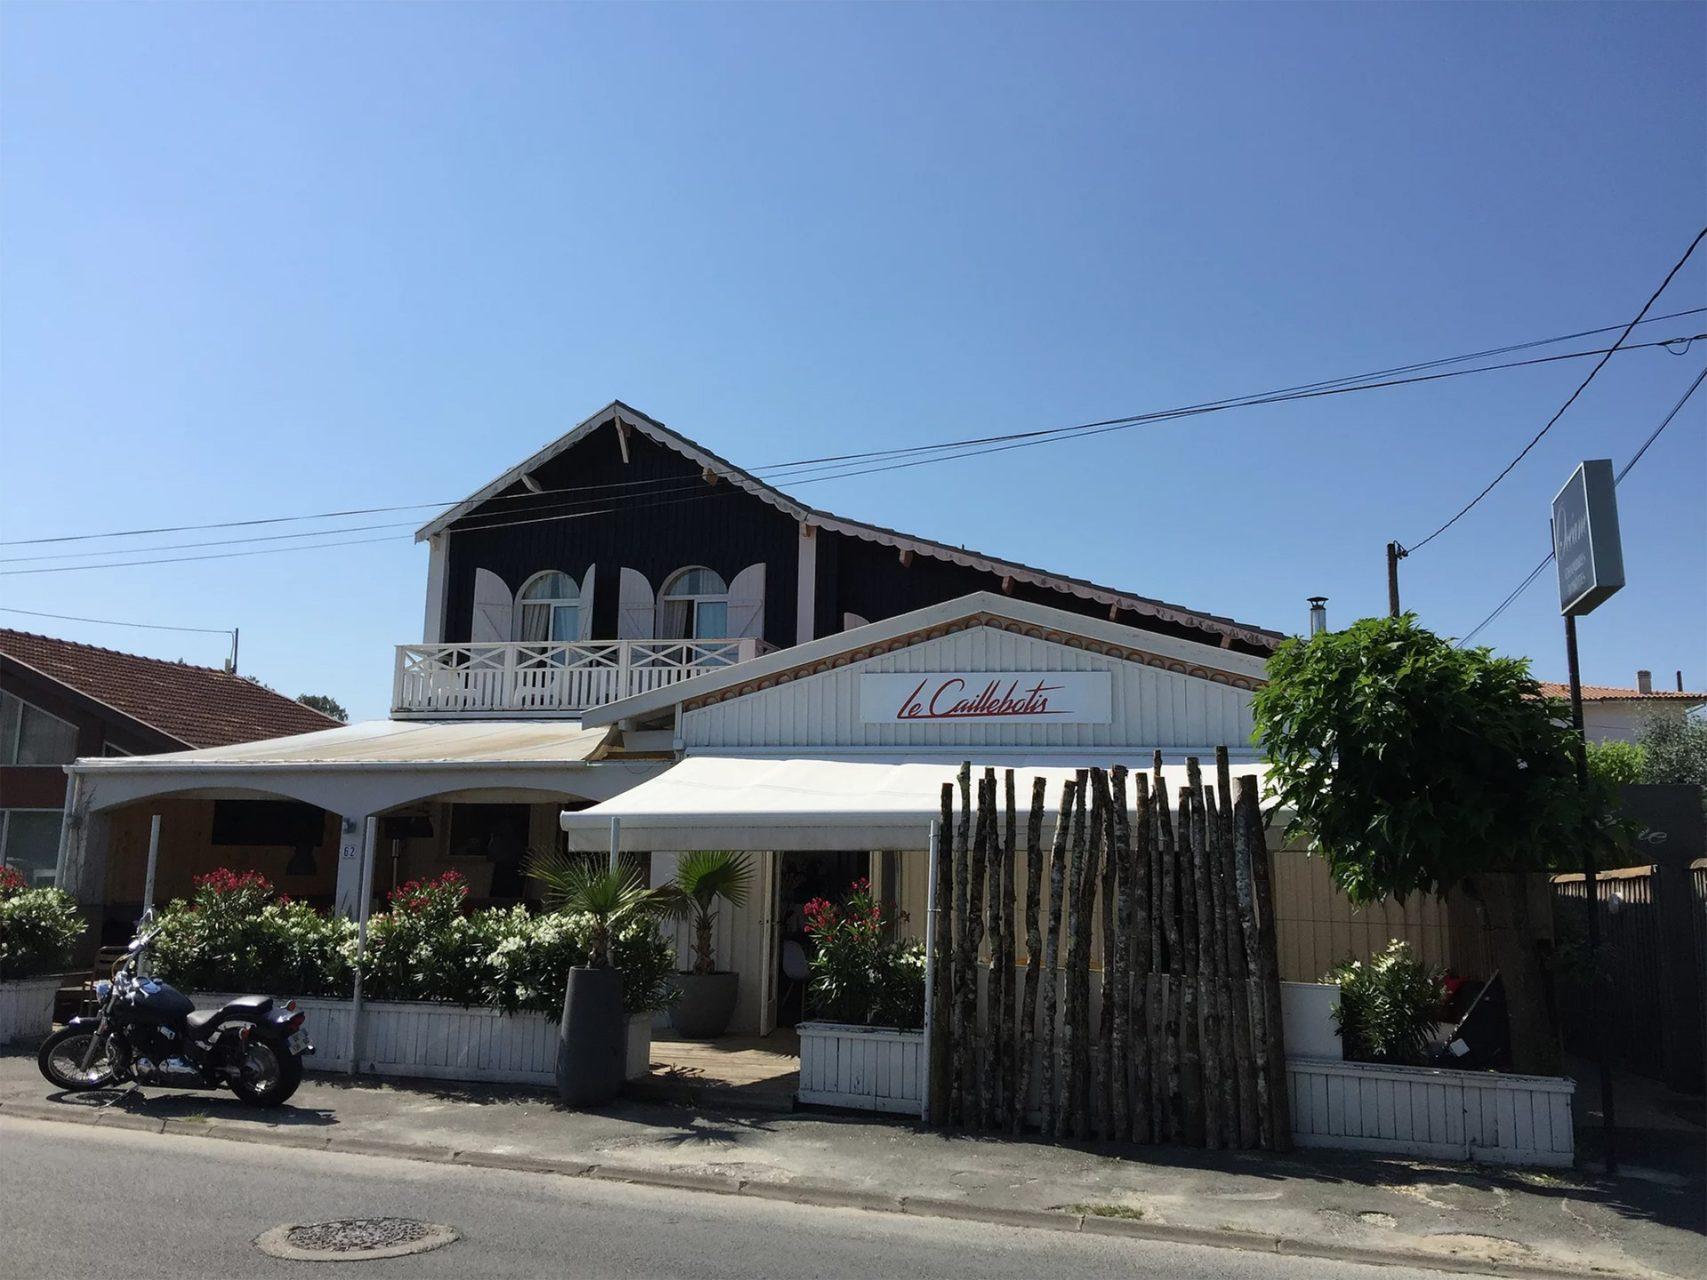 Façade de l'hôtel Le Caillebotis à Lège Cap Ferret